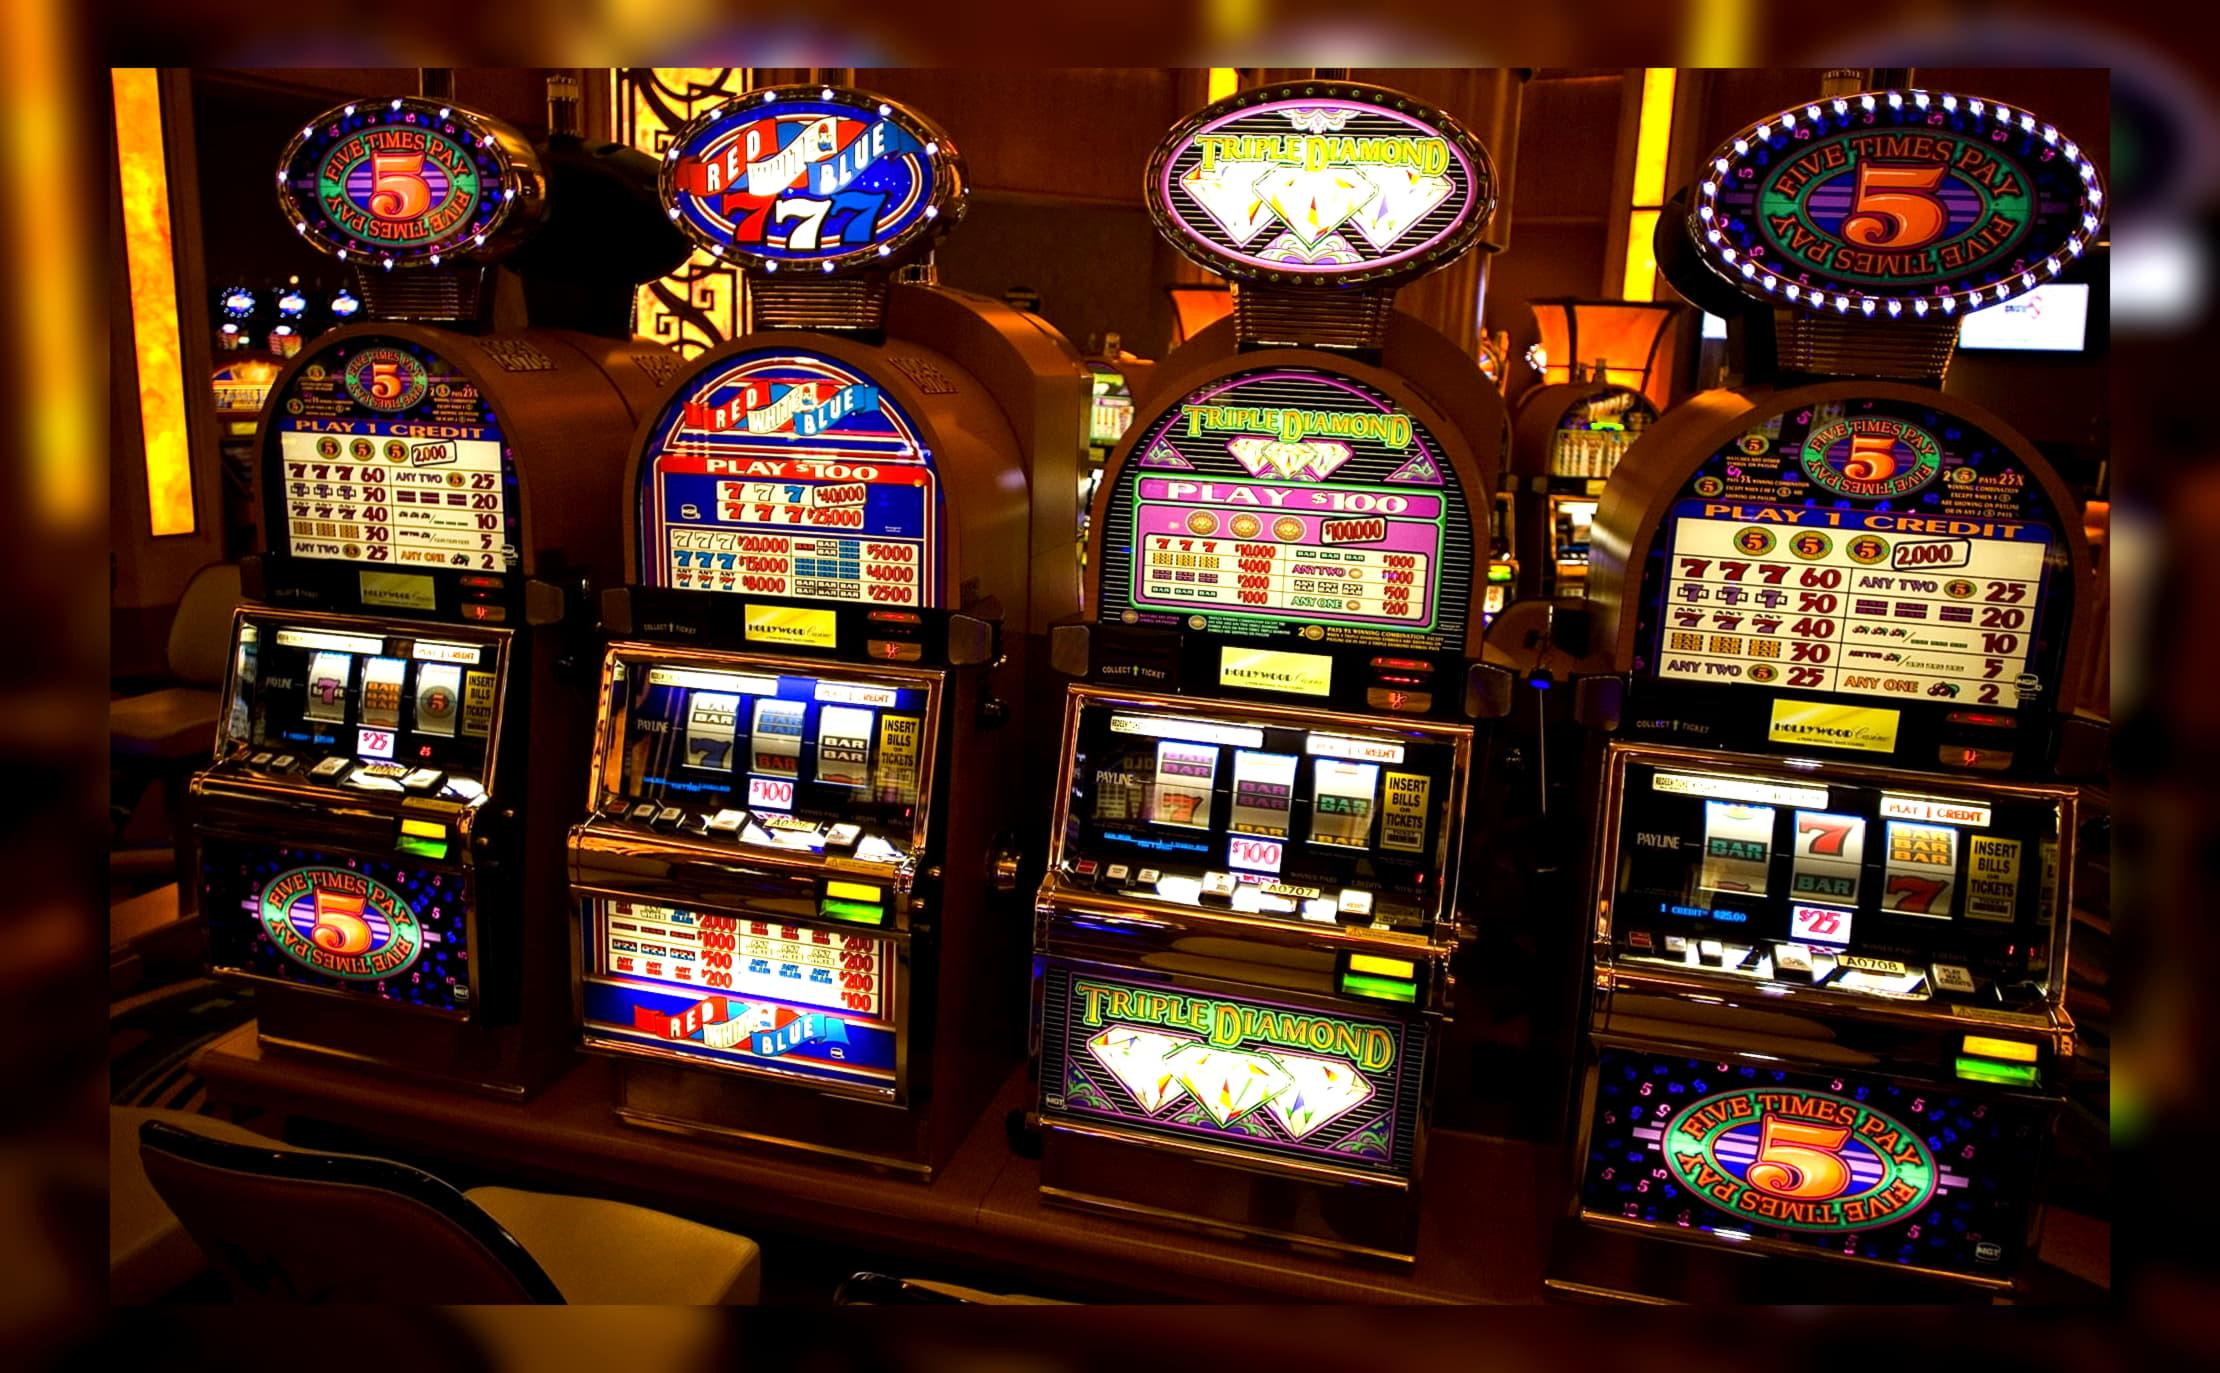 โบนัสต้อนรับ 85% ที่ Uptown Aces Casino